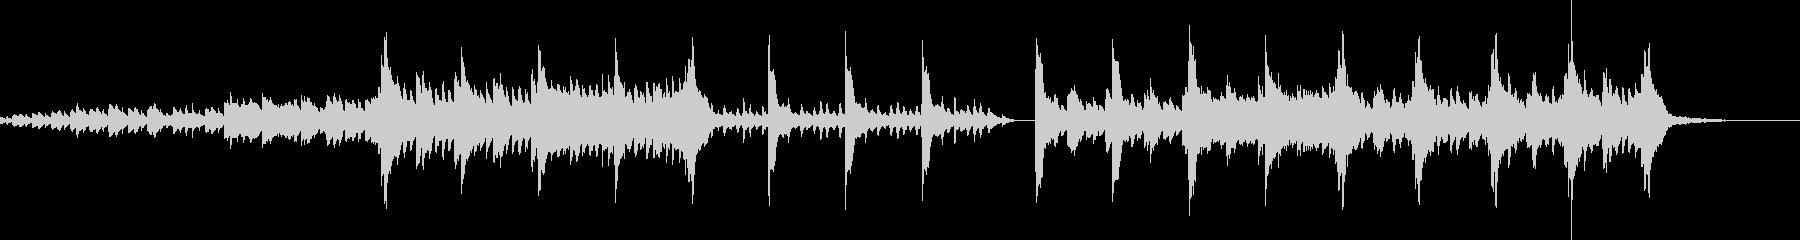 チェレスタとピアノの悲しい物語の未再生の波形